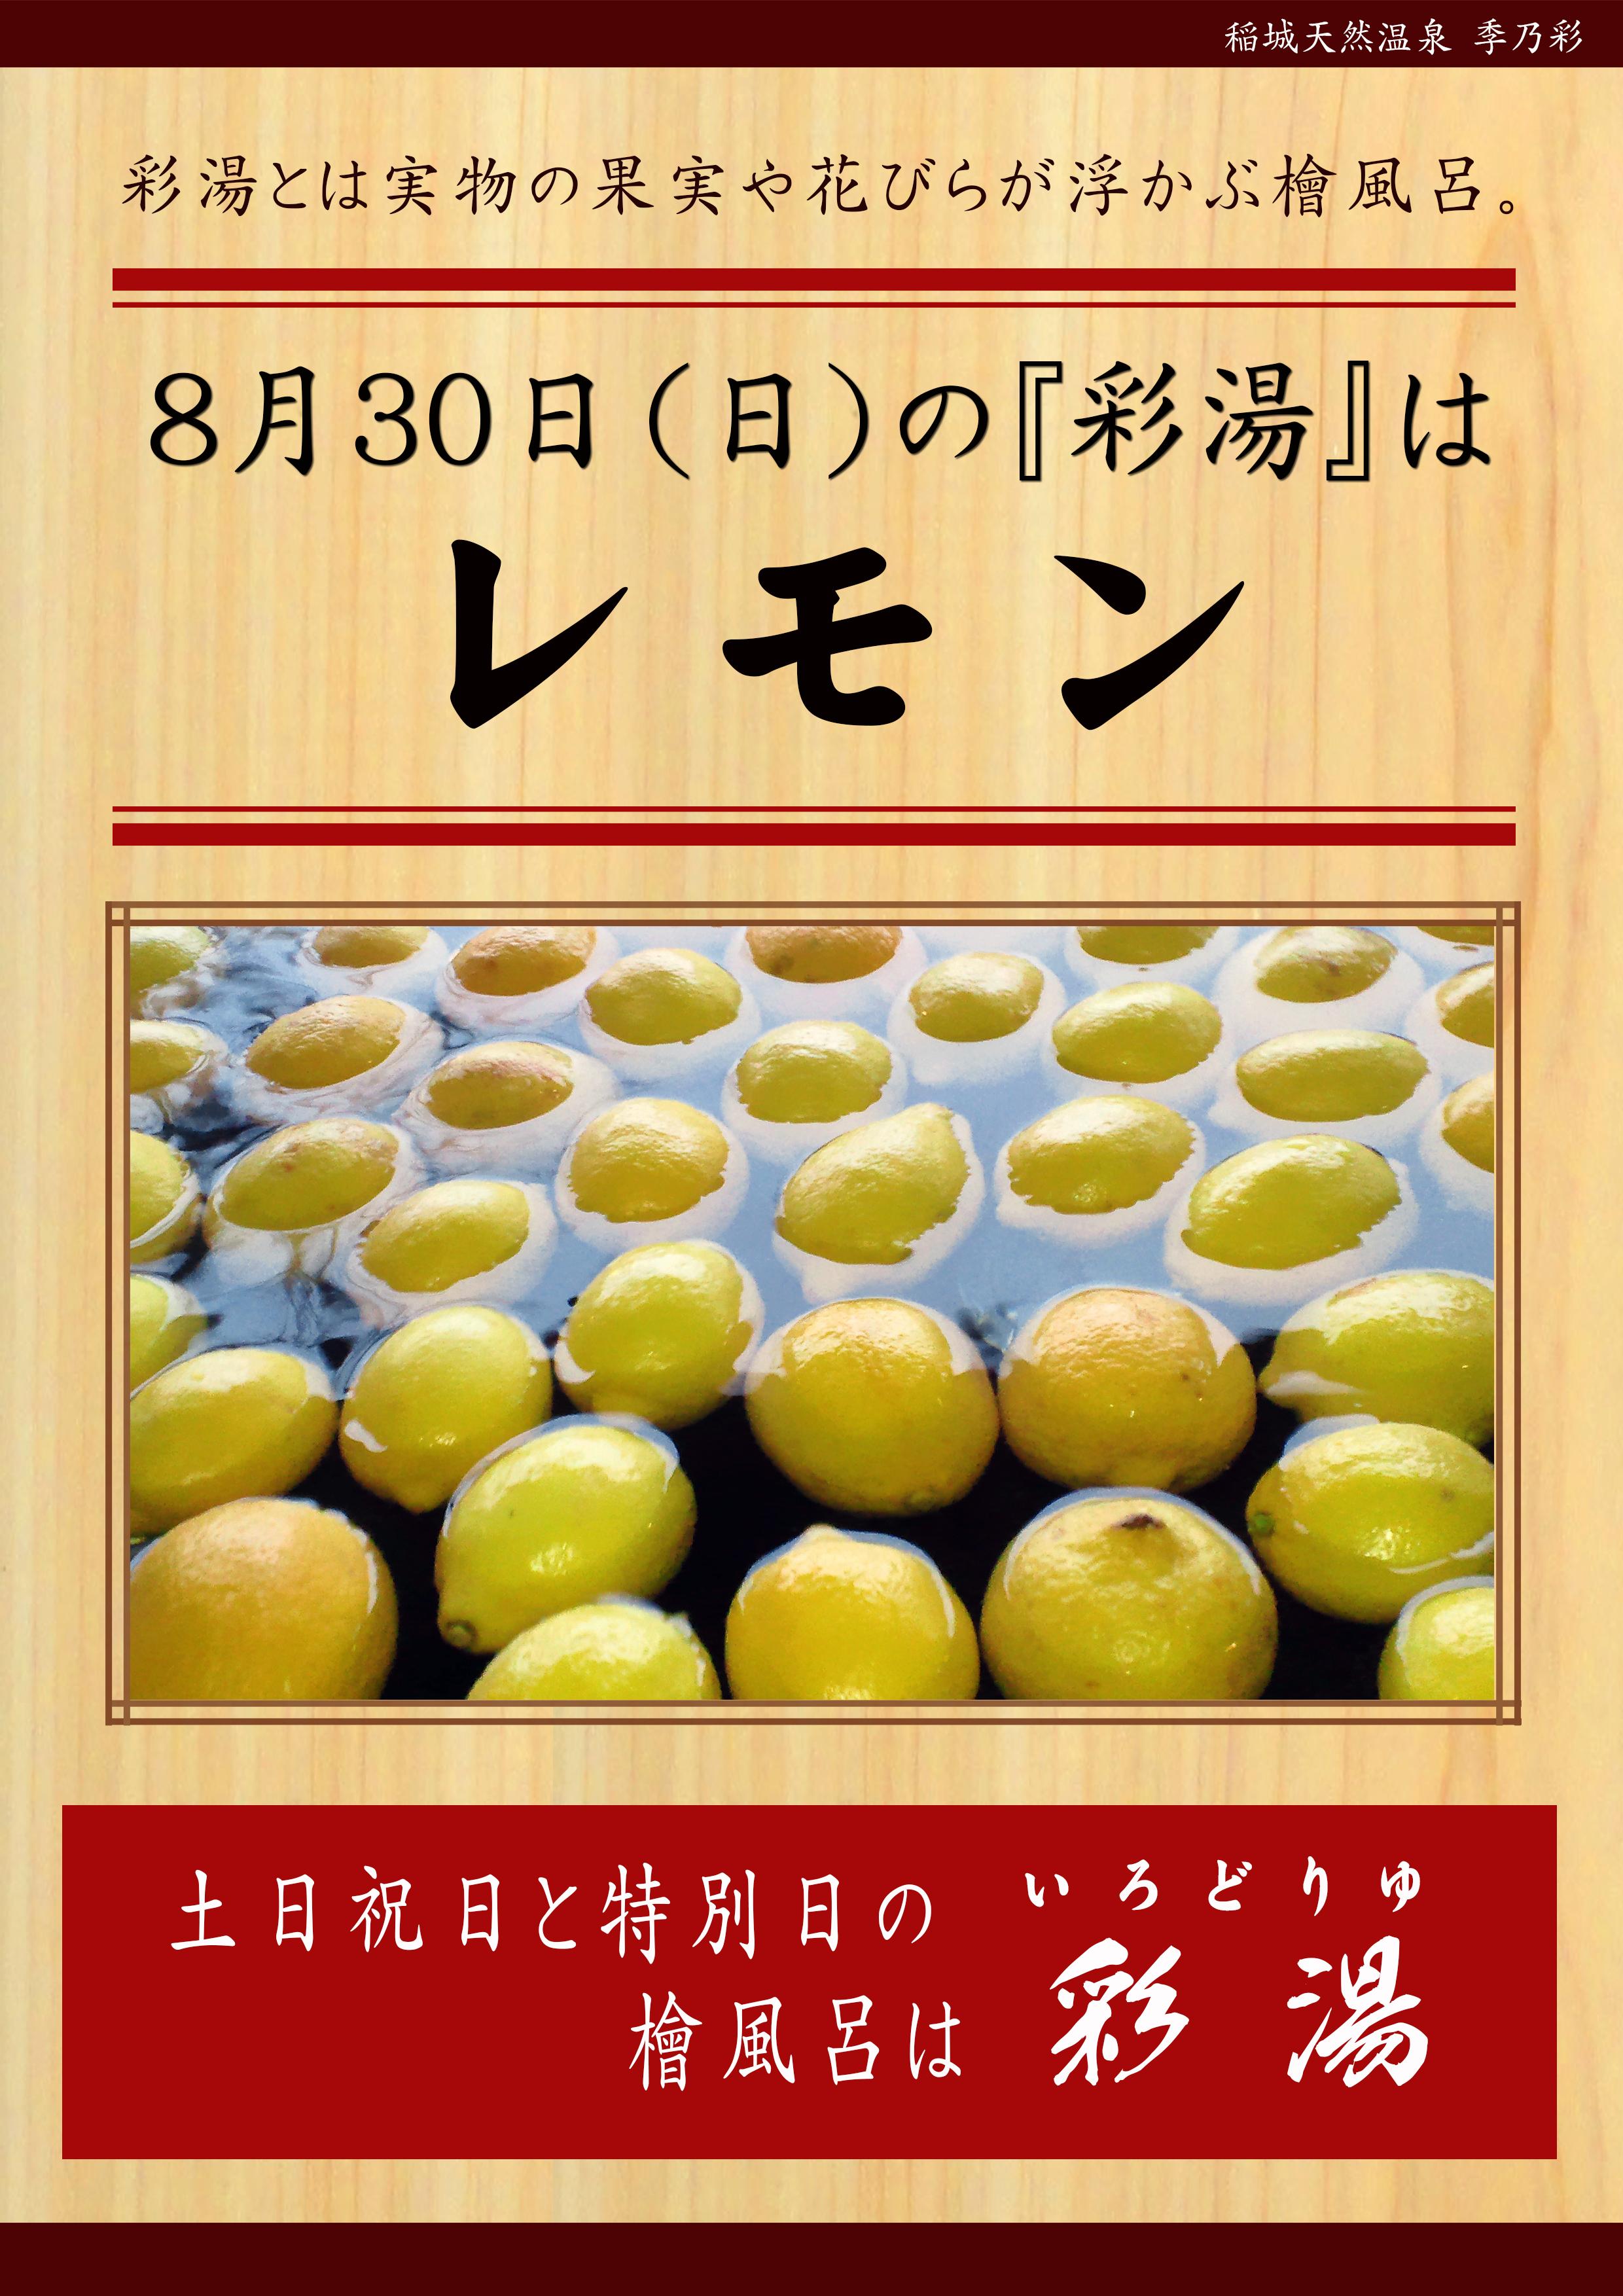 200830 POP イベント 彩湯 レモン